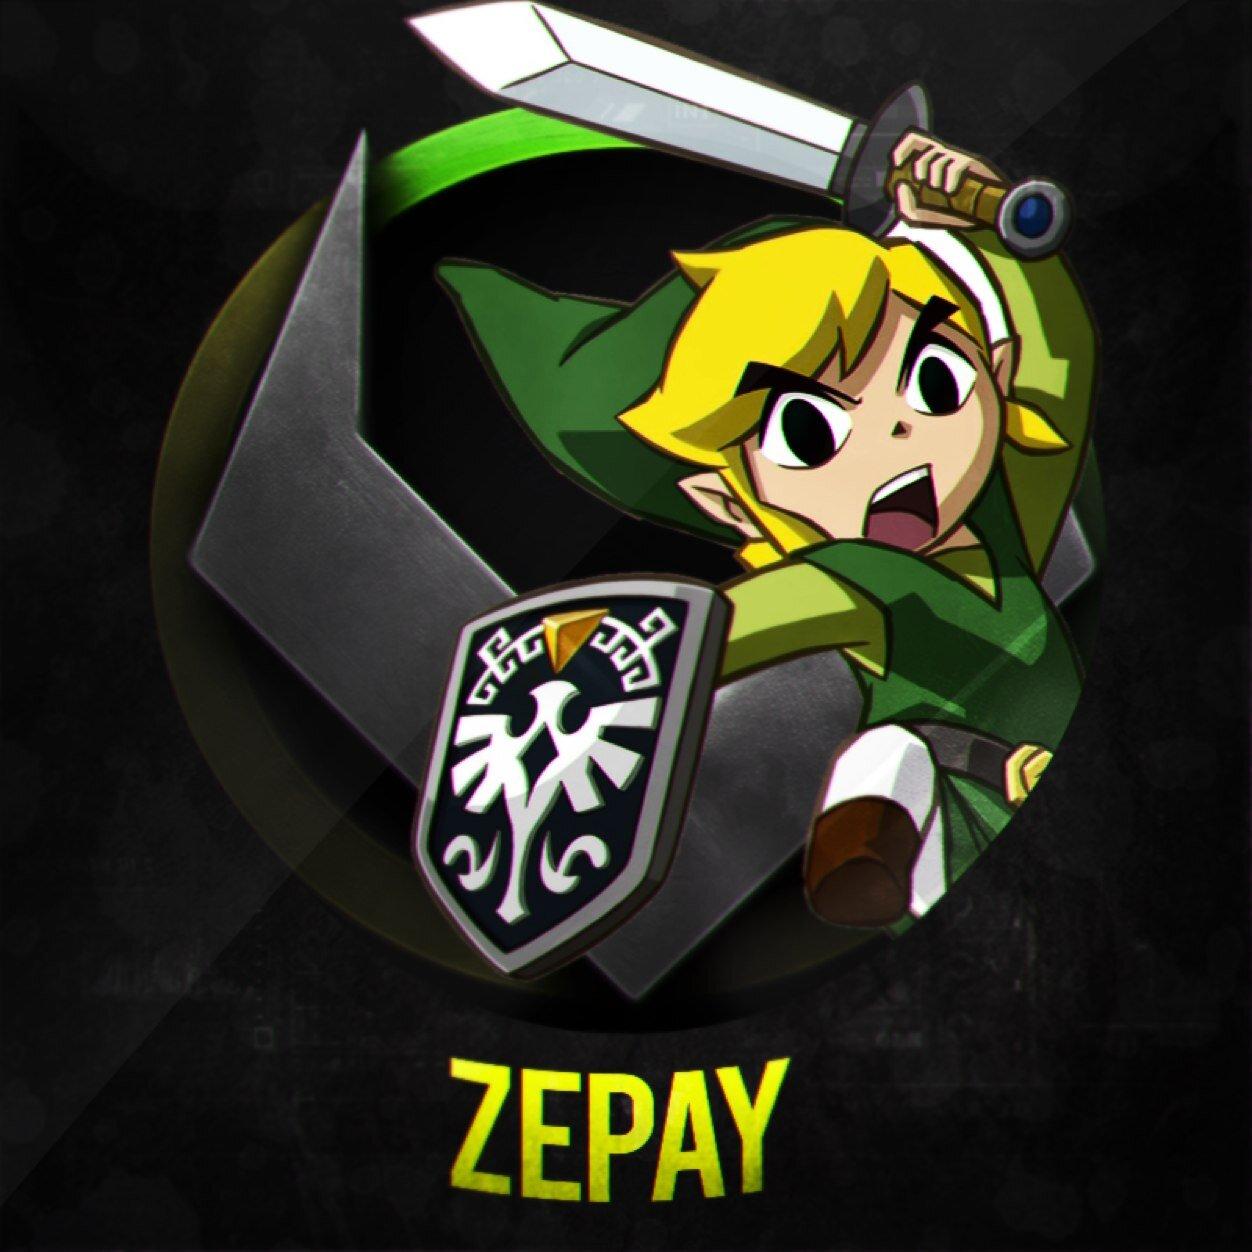 zepay